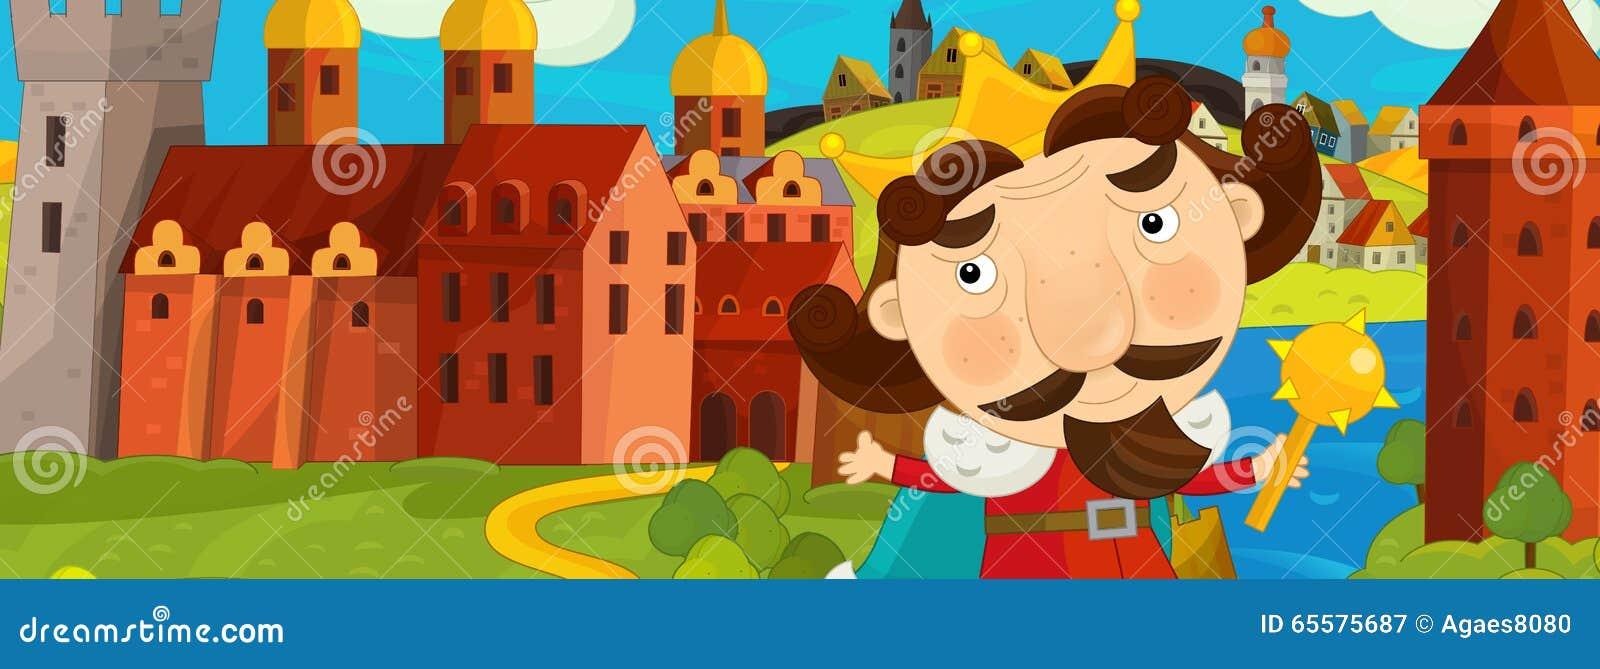 Cena medieval com o rei na frente de seu castelo - imagem dos desenhos animados para contos de fadas diferentes